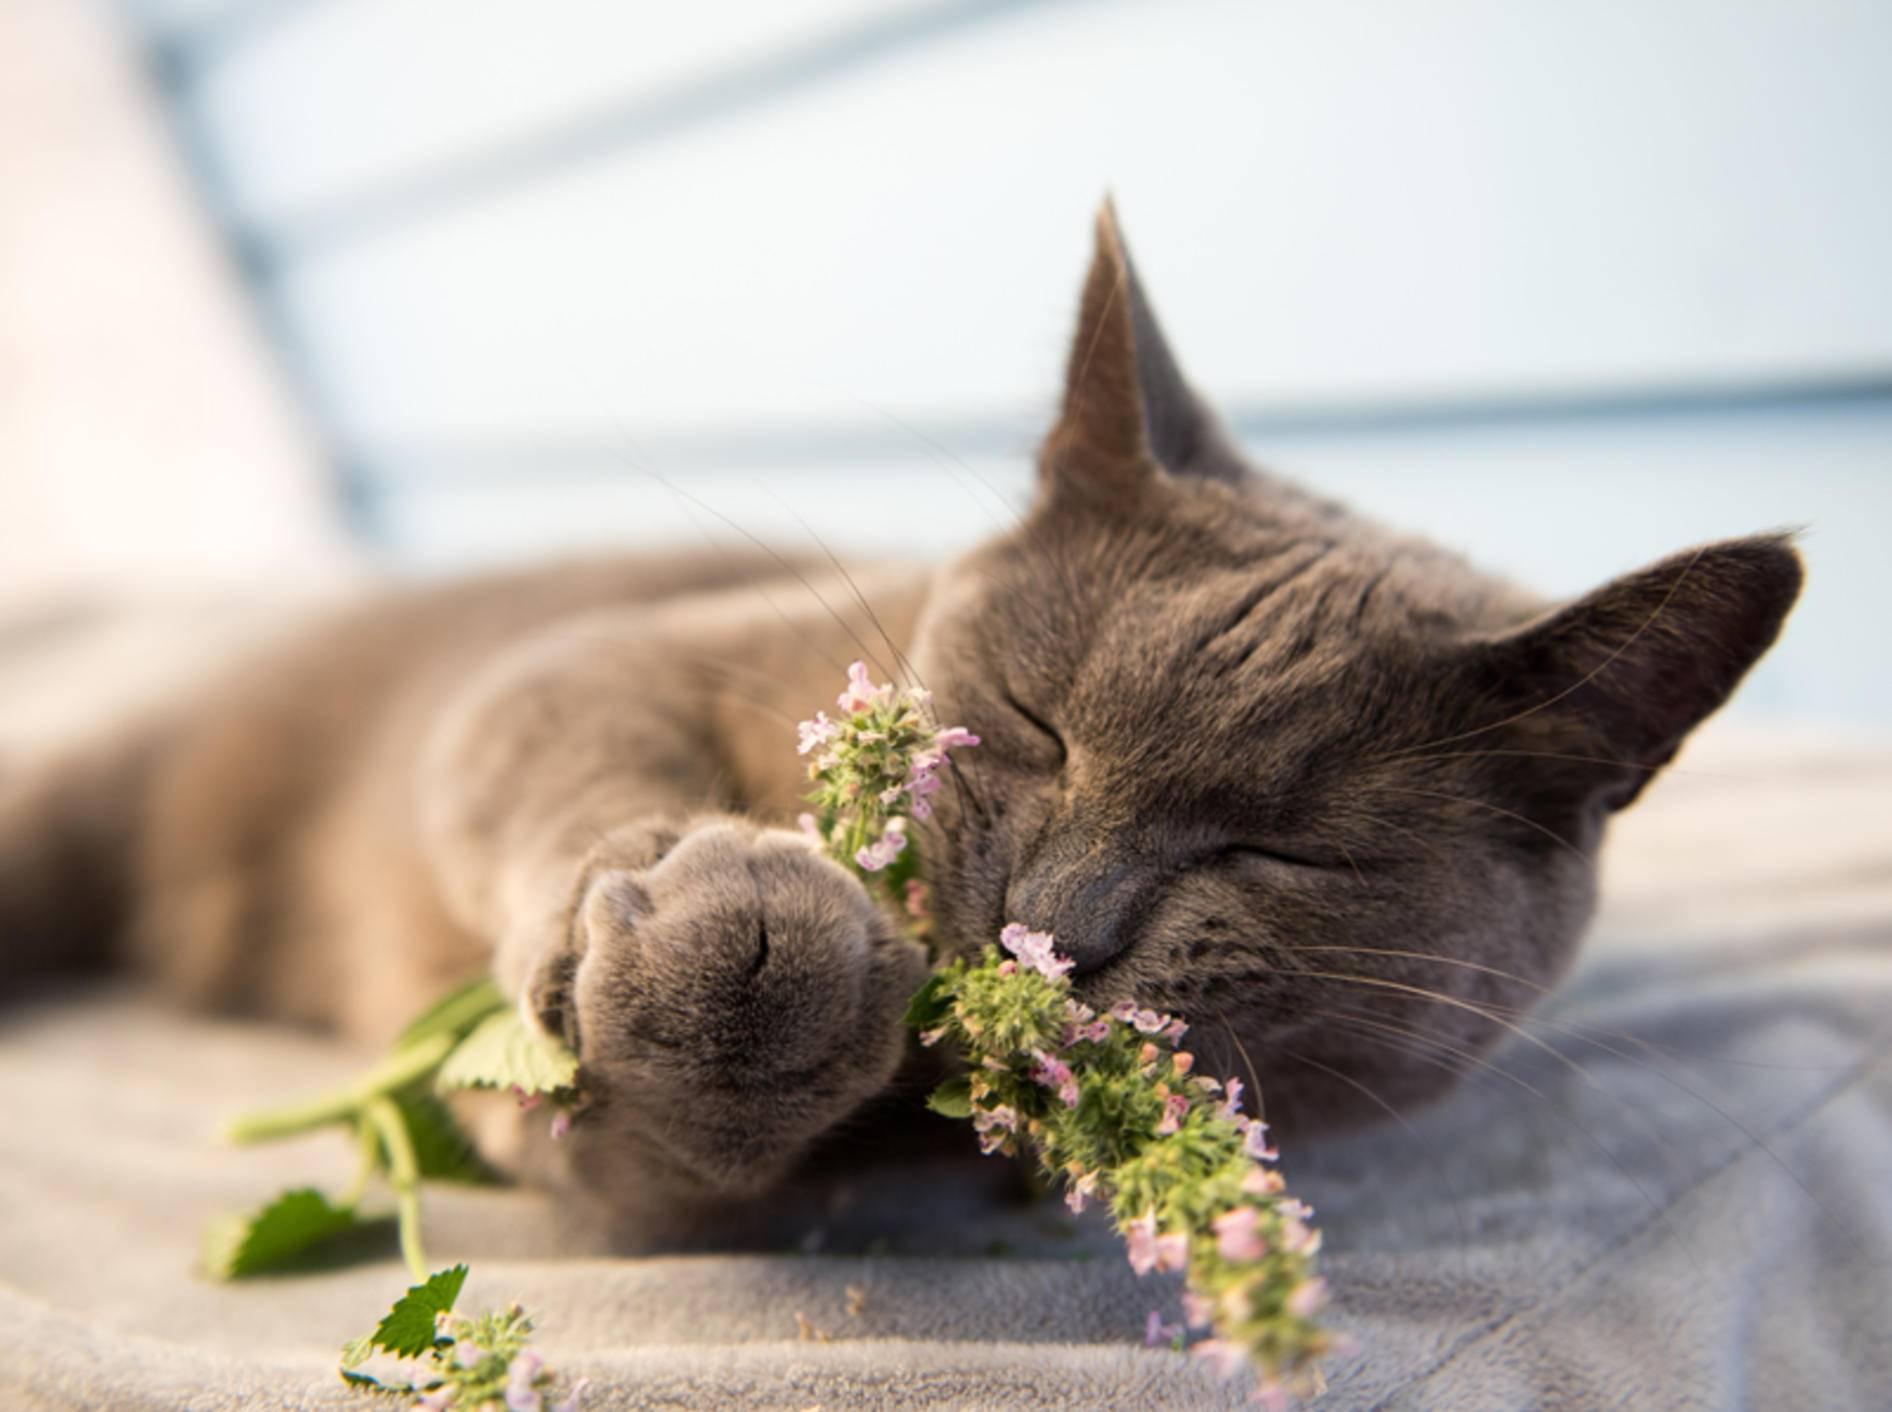 Katzen geraten in einen wahren Rausch, wenn sie Katzenminze genießen - Bild: Shutterstock / Anna Hoychuk